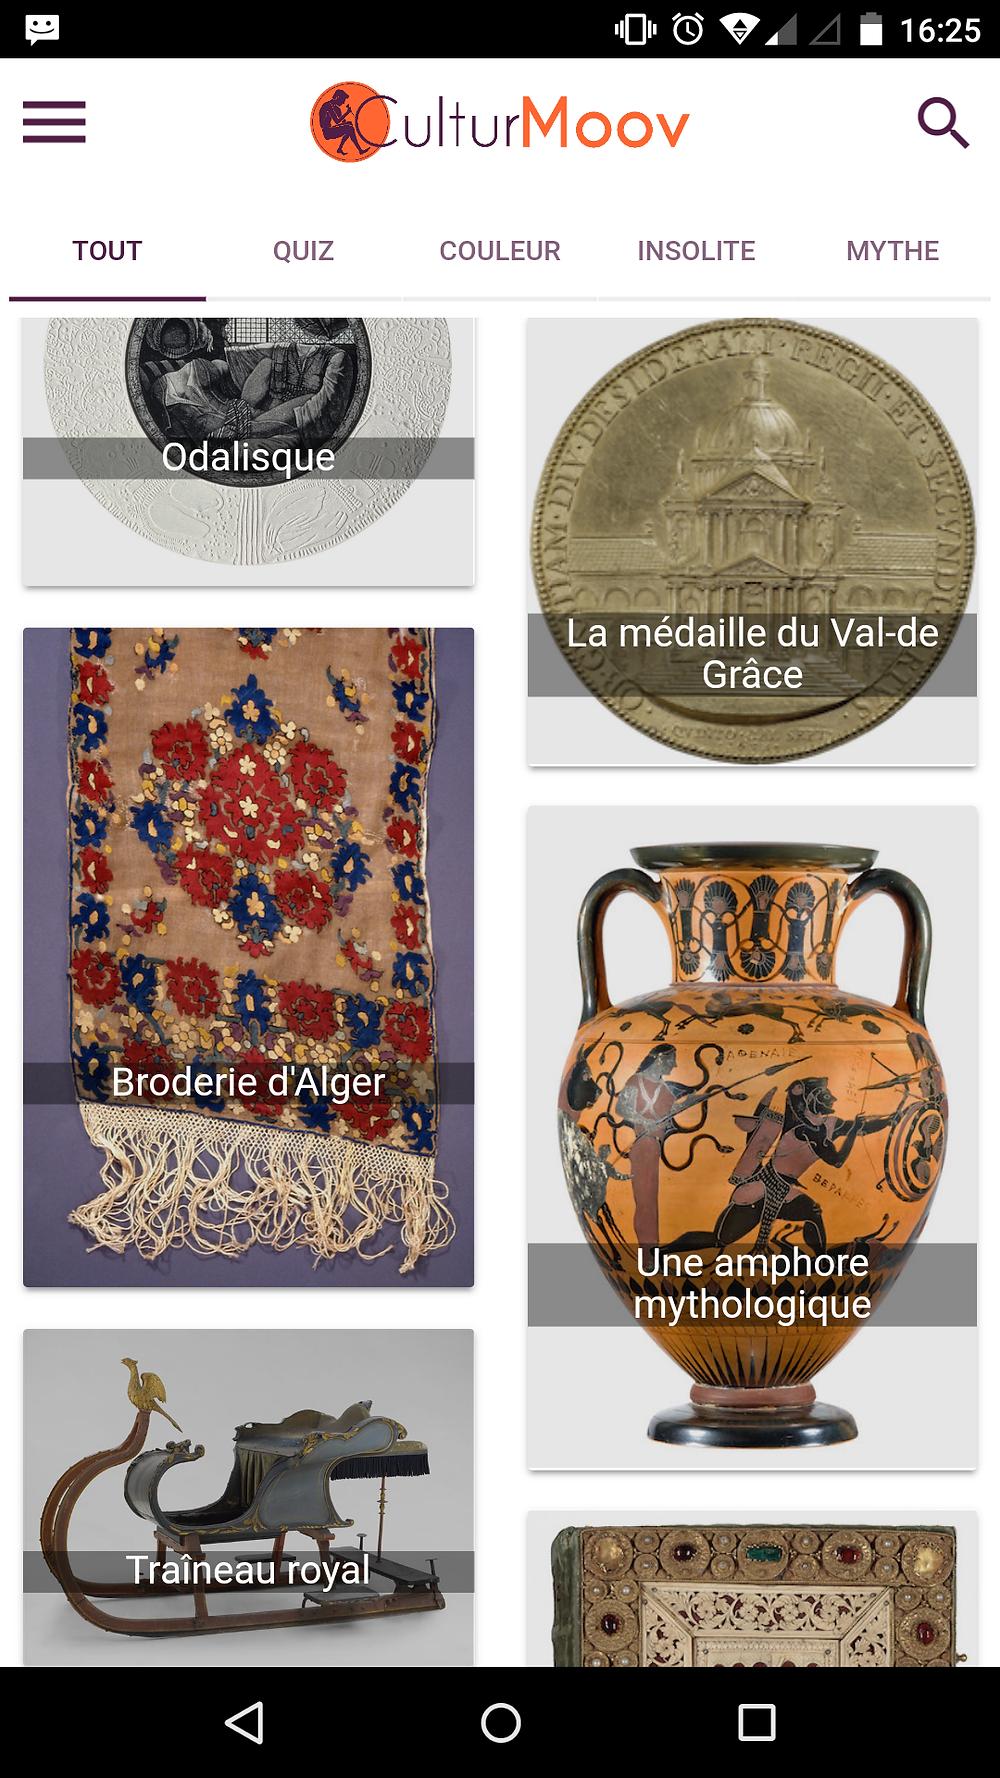 Page d'accueil de l'application CulturMoov